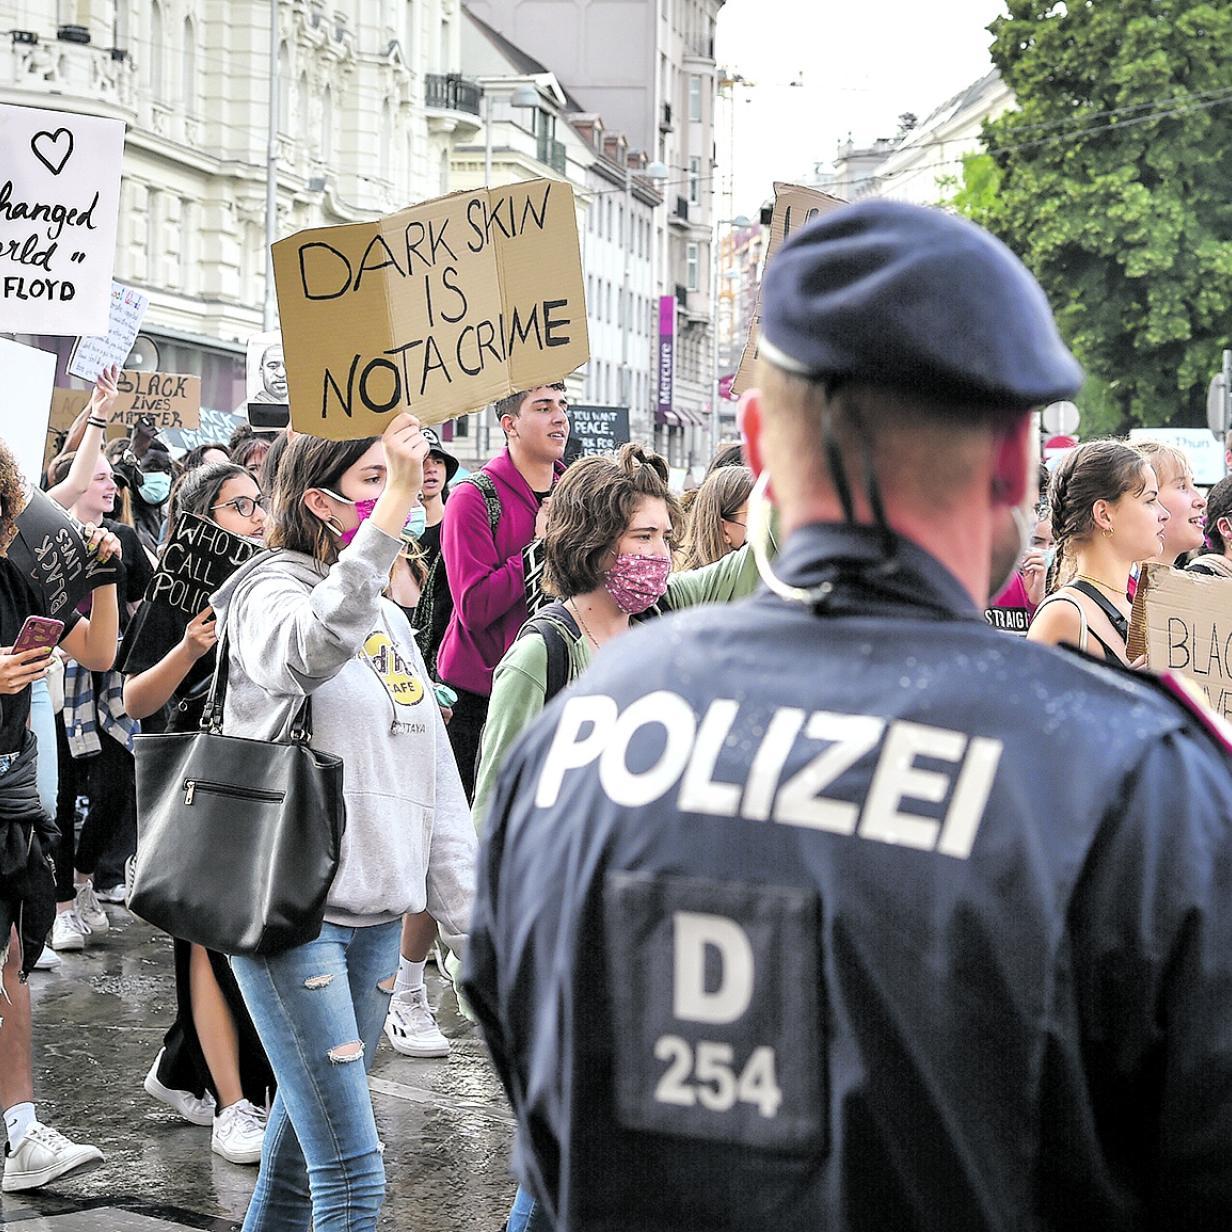 Düsseldorf himmelgeist gay